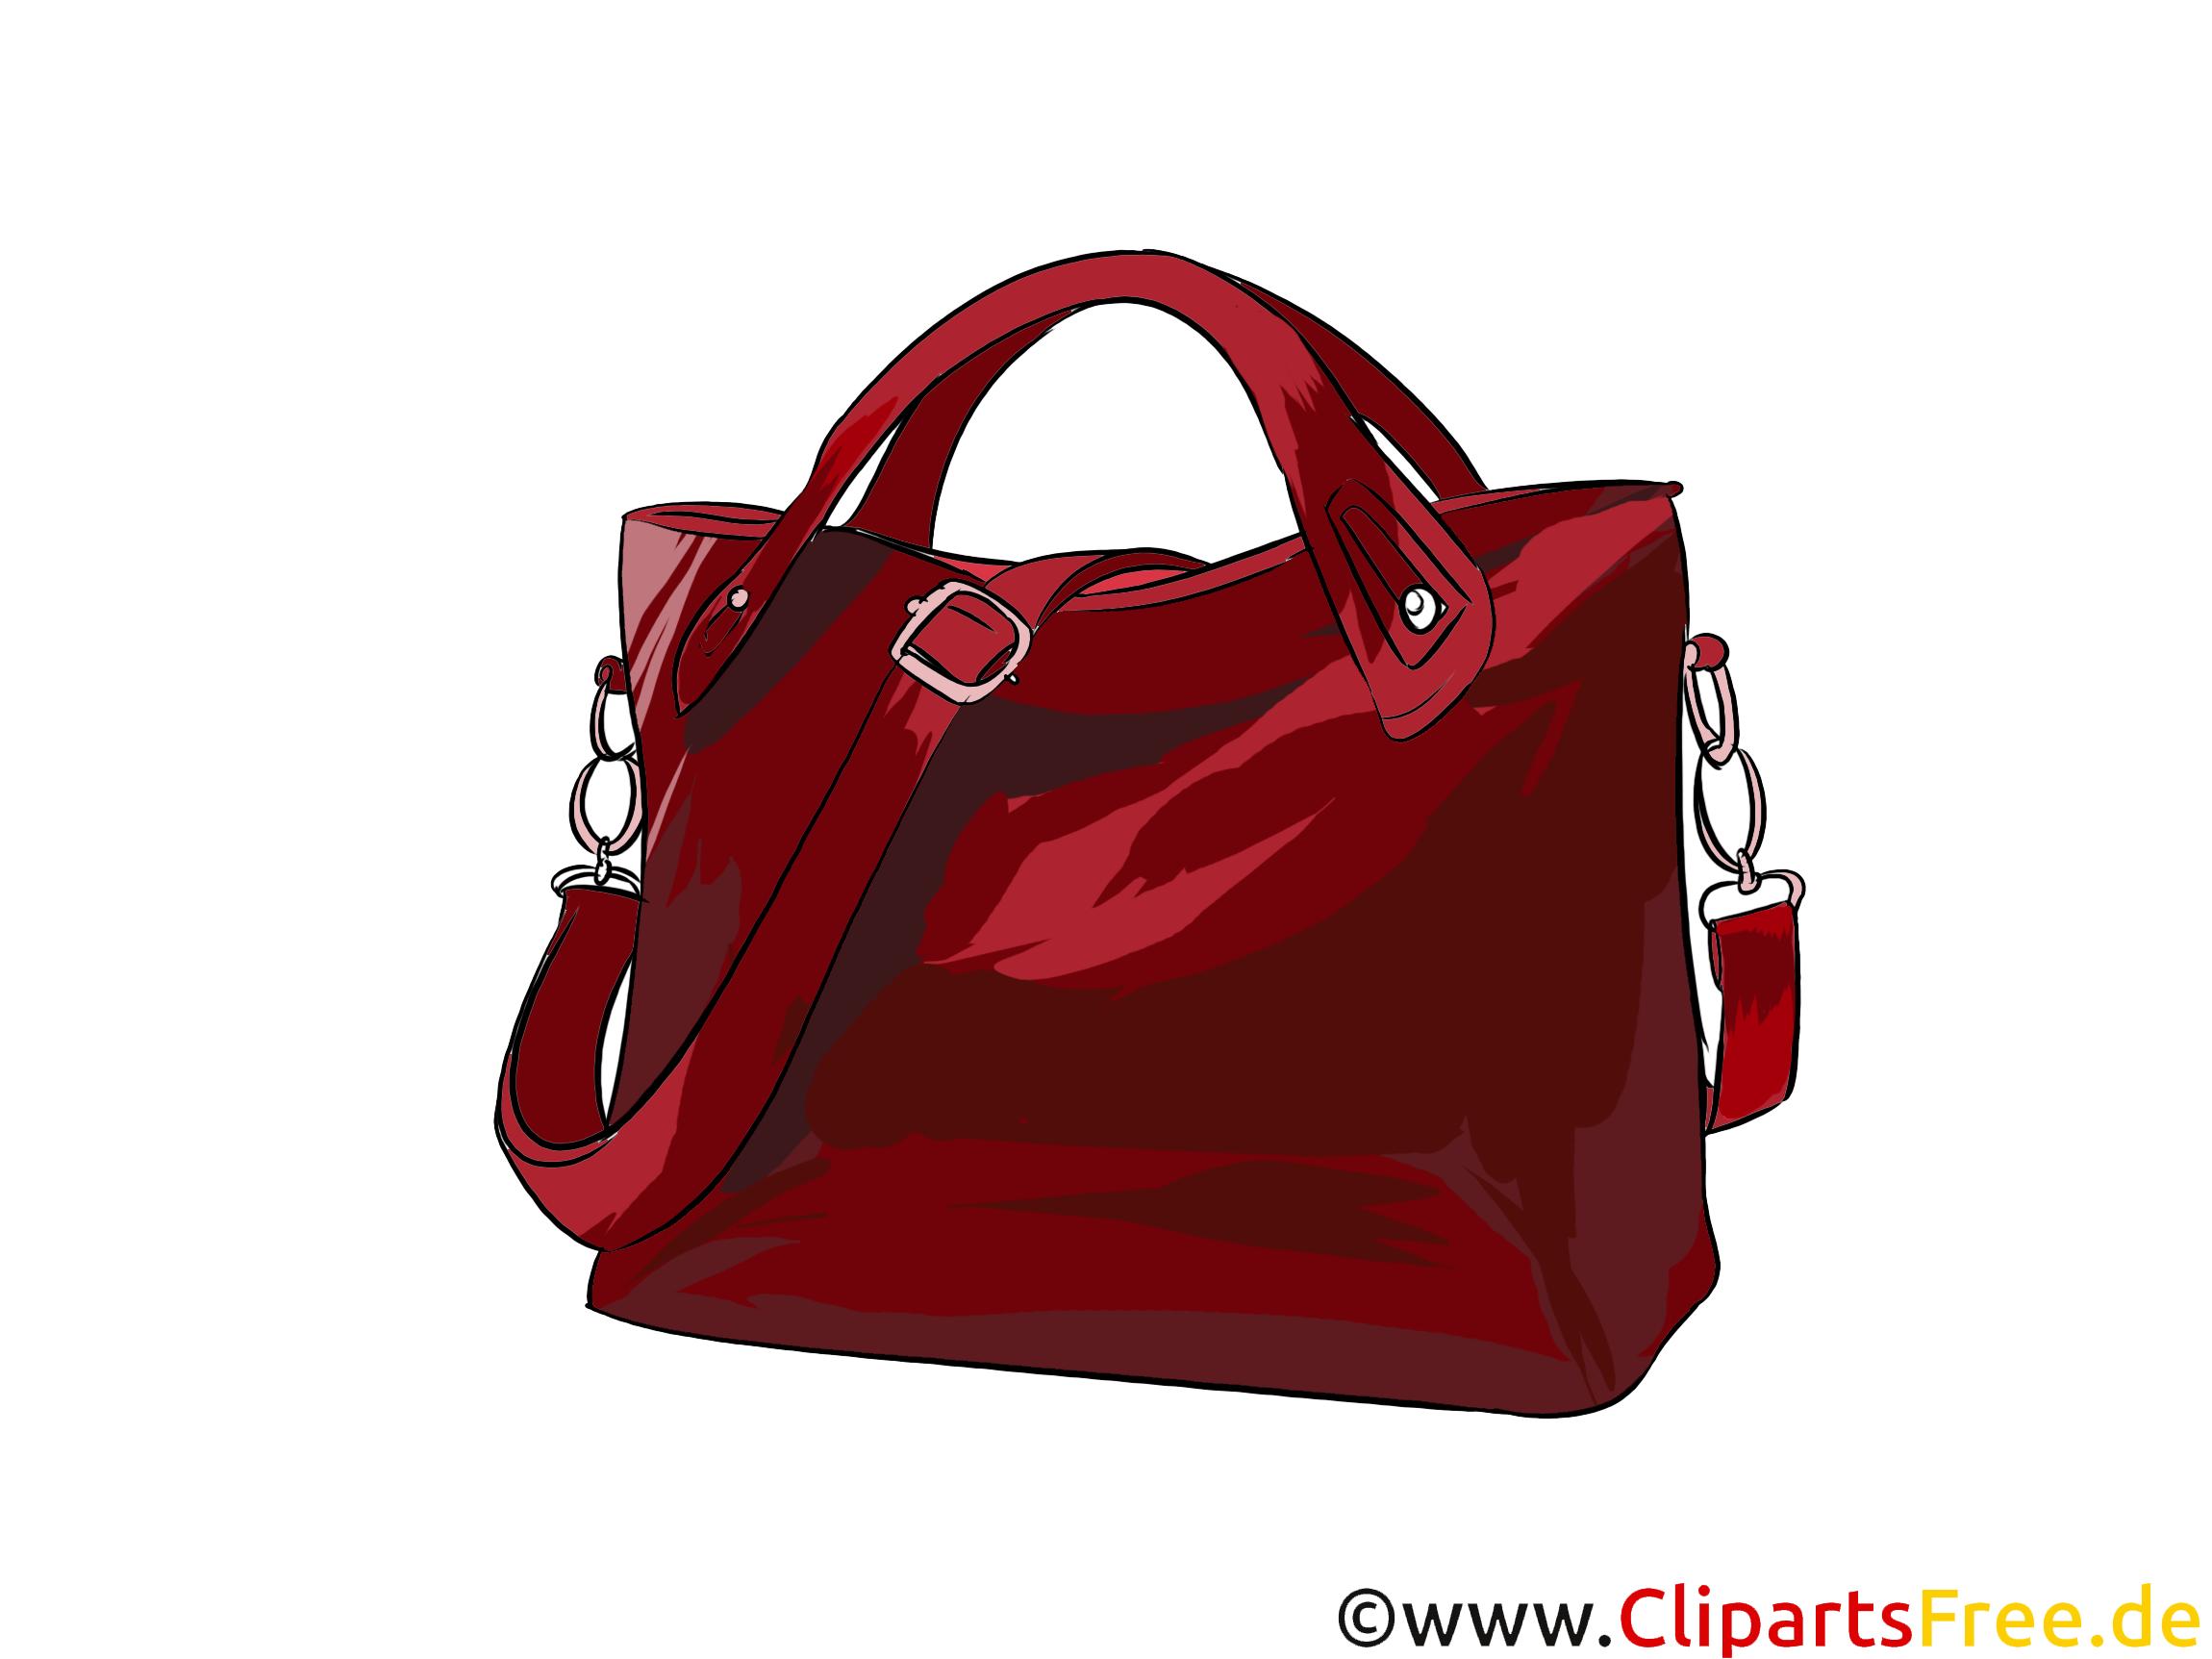 Schicke Handtasche Bild, Illustration, Clipart